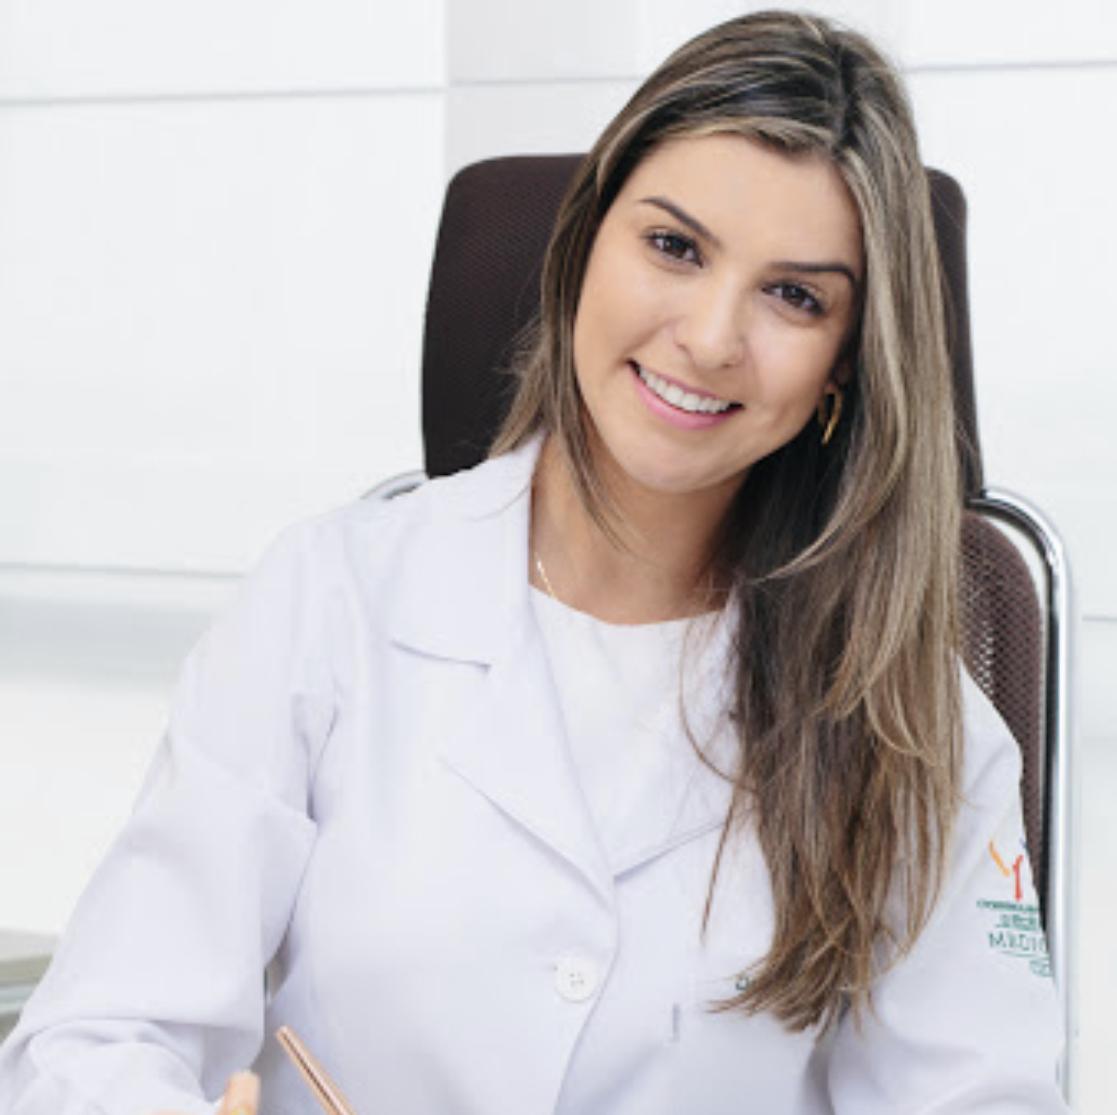 Larissa Neri